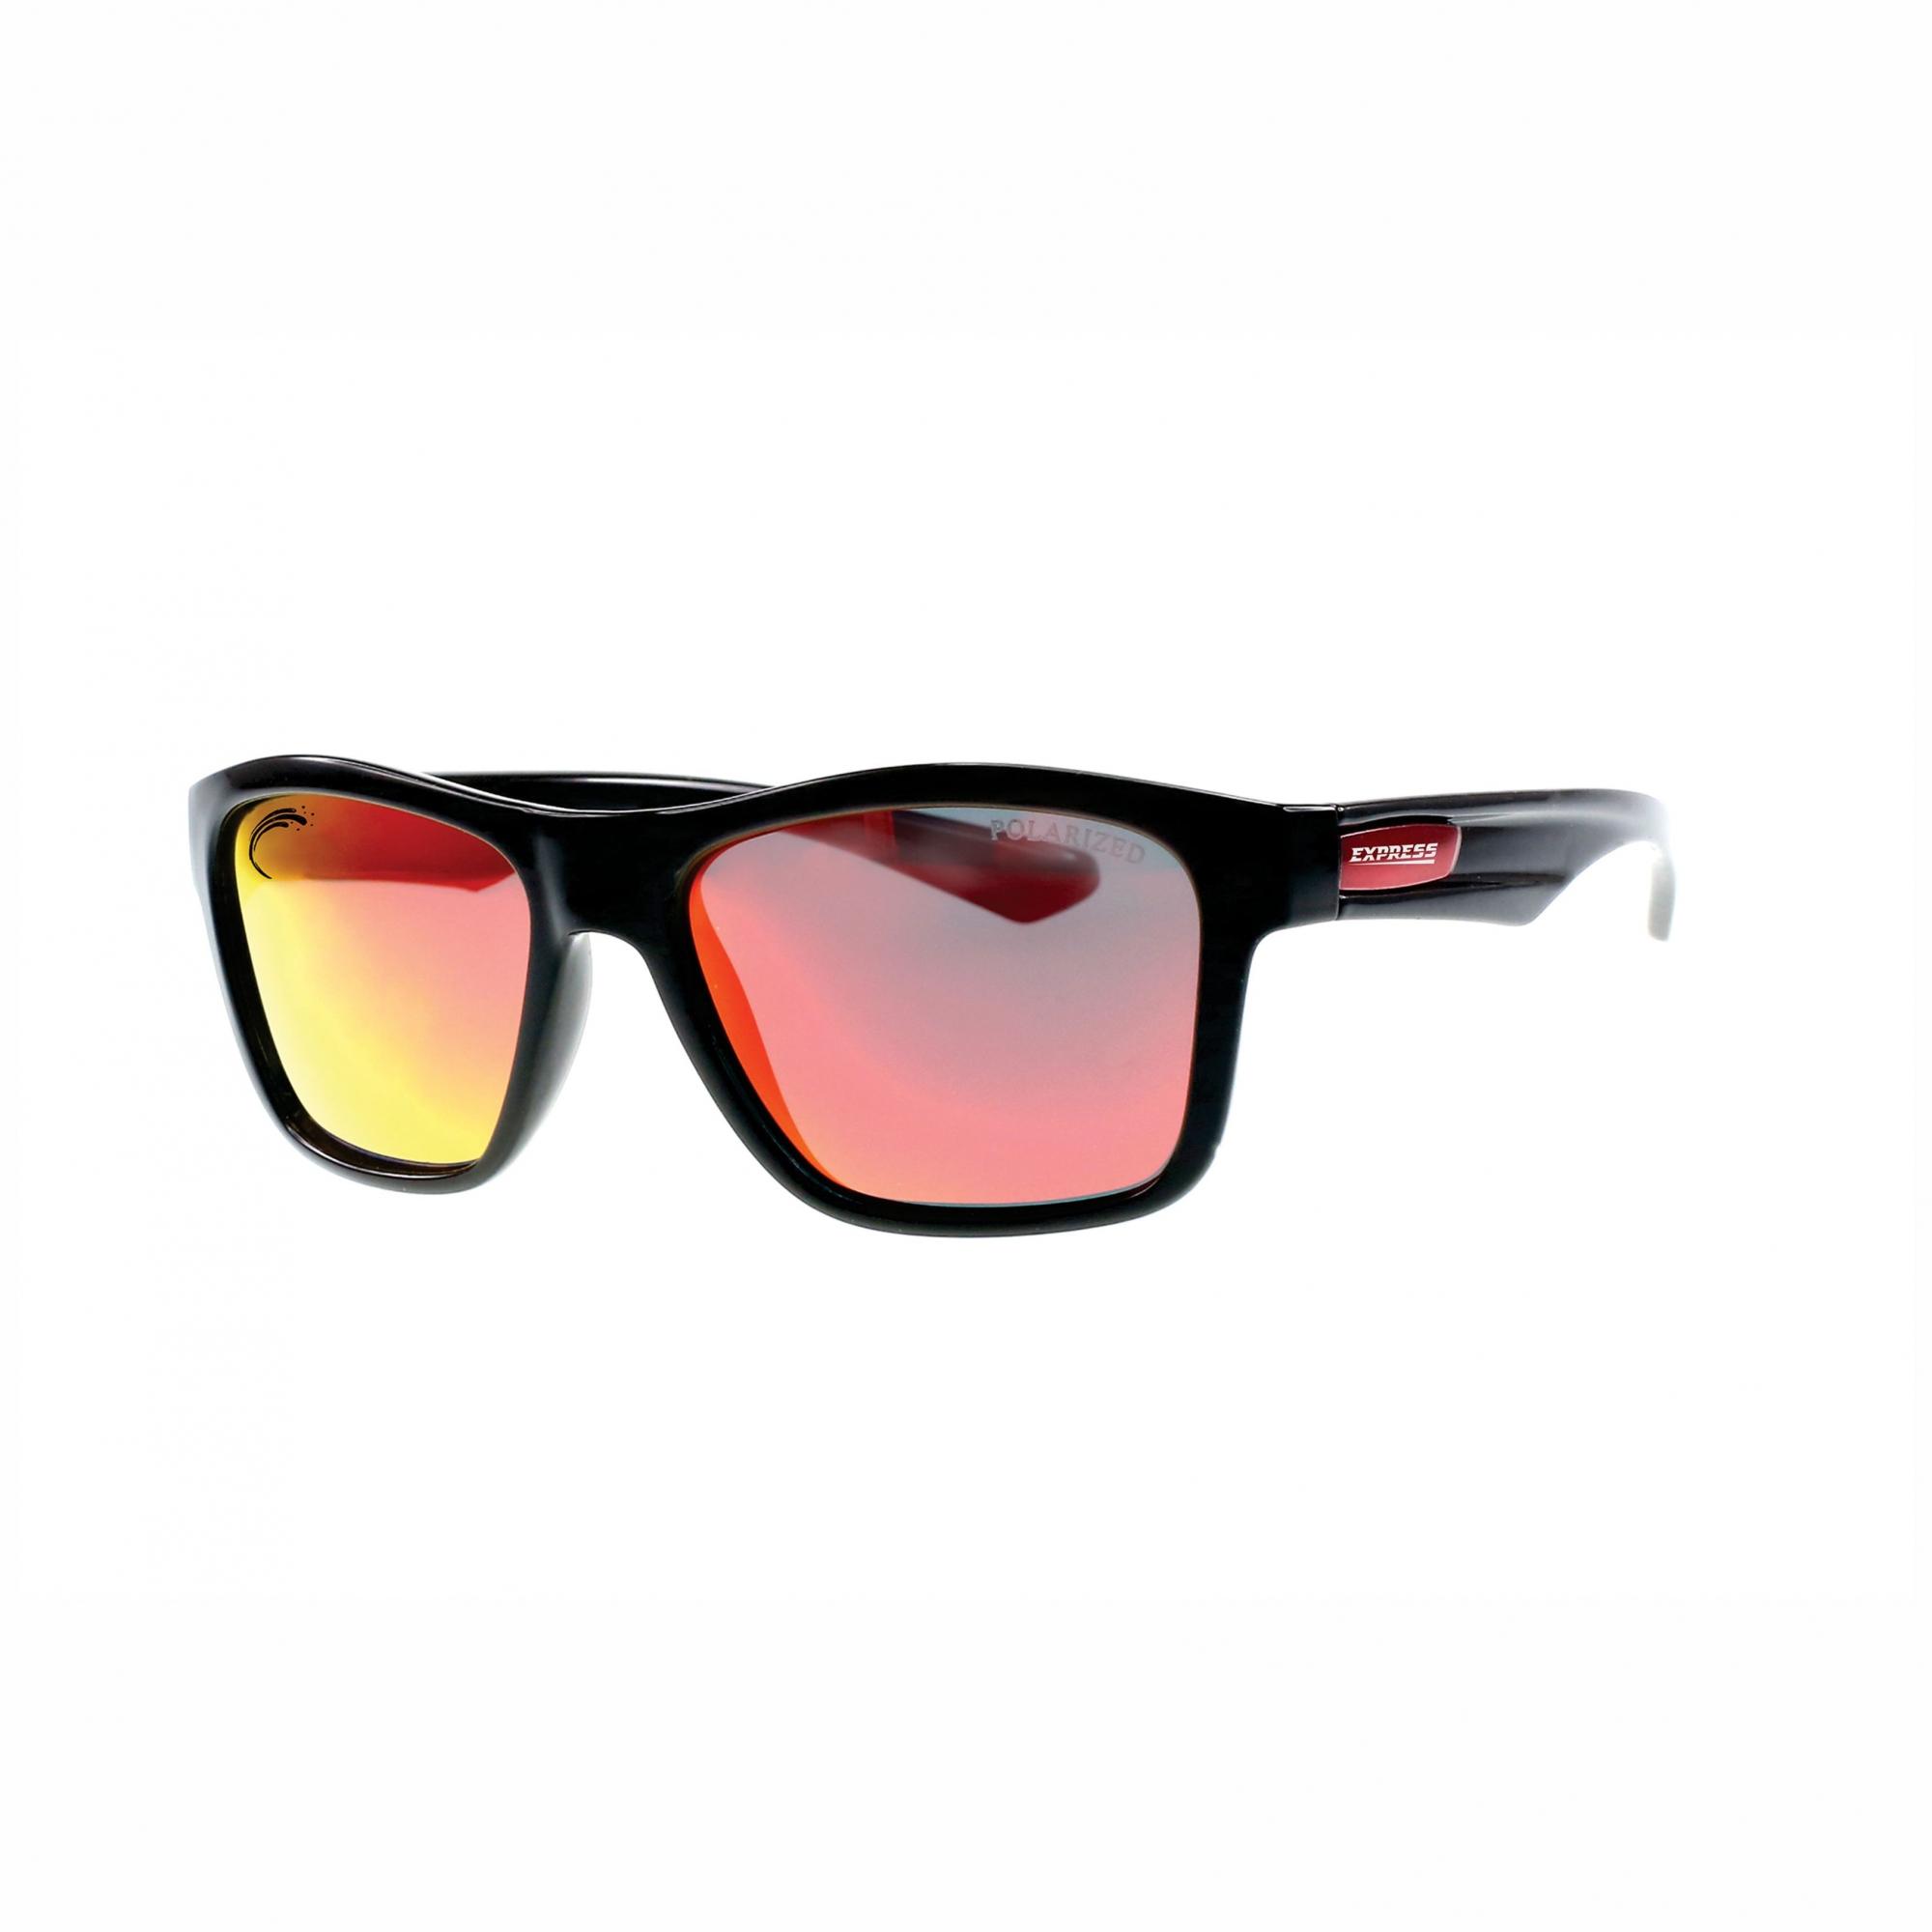 Óculos de Sol Polarizado Express Piranha Vermelho Espelhado